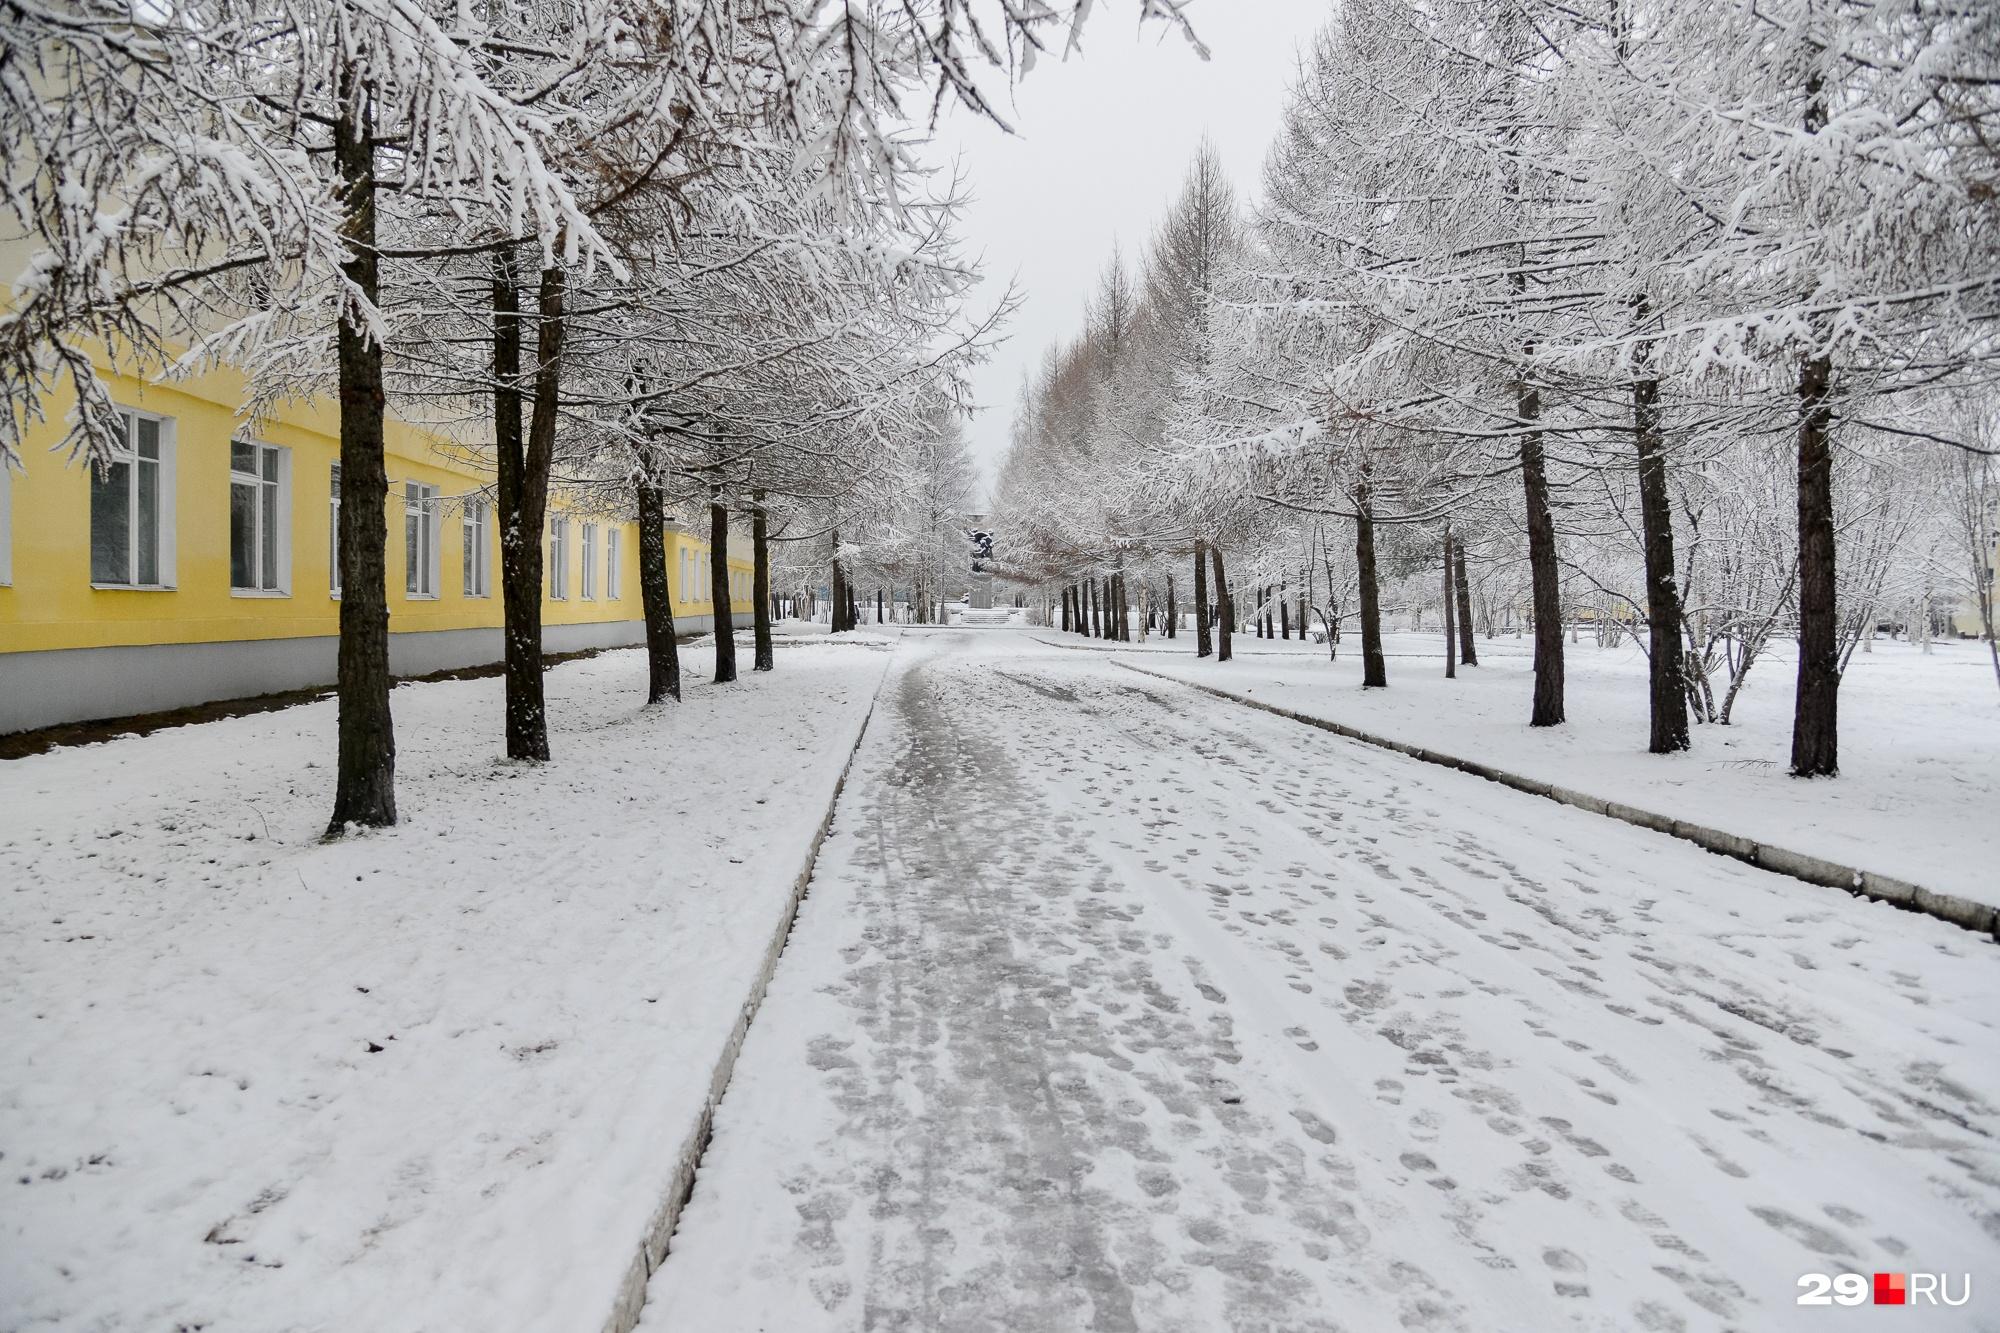 Вдоль административной части ФОКа приятно прогуляться. Парковка не забита машинами, очень тихо — совсем не так, как в центре Архангельска